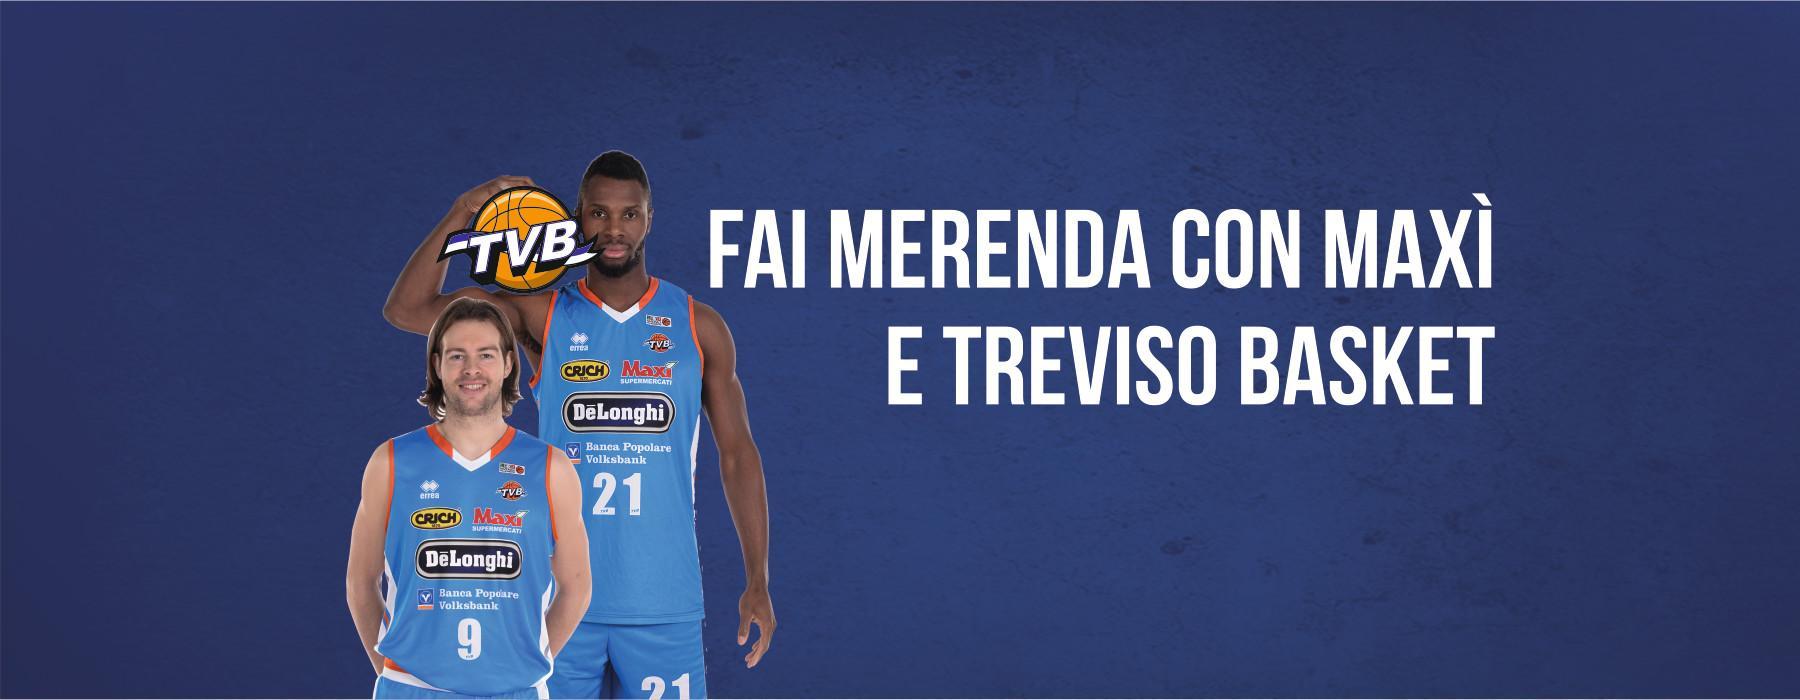 Fai merenda con Maxì e Treviso Basket 2018